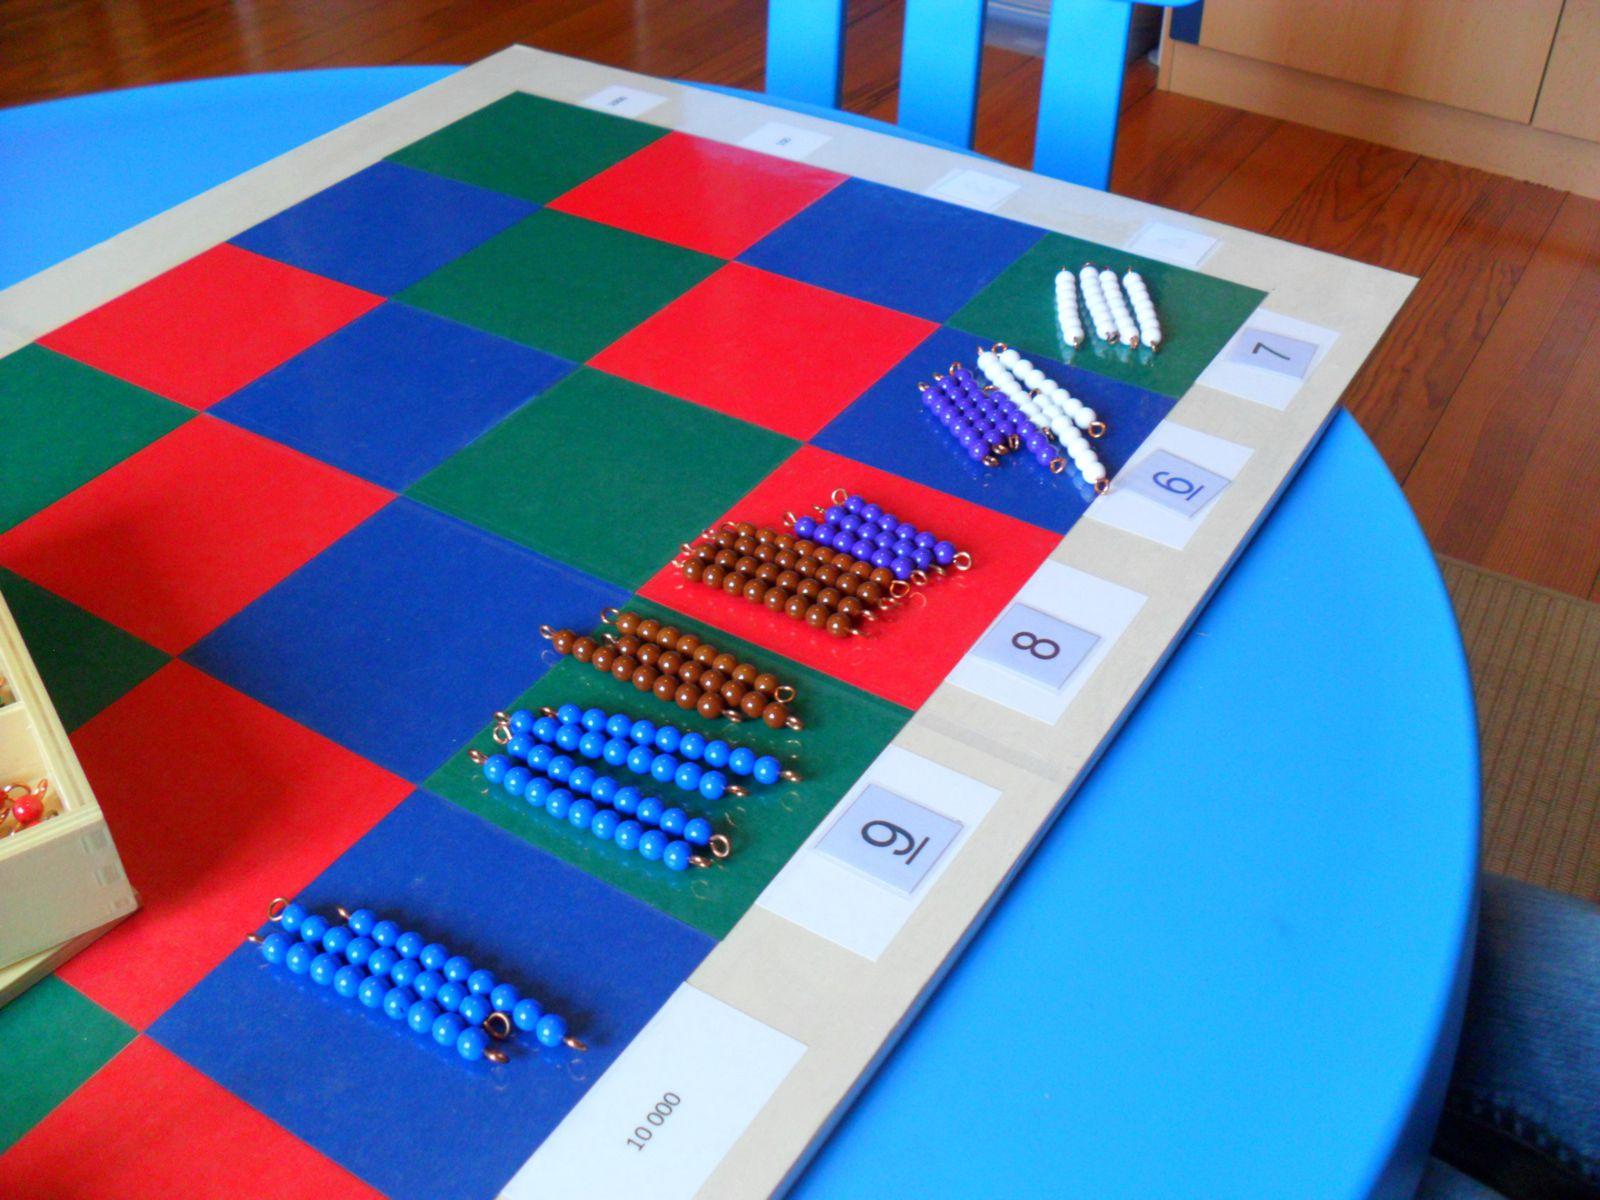 Faire glisser les barrettes selon la couleur des cases du damier : bleu avec bleu, rouge avec rouge, vert avec vert.